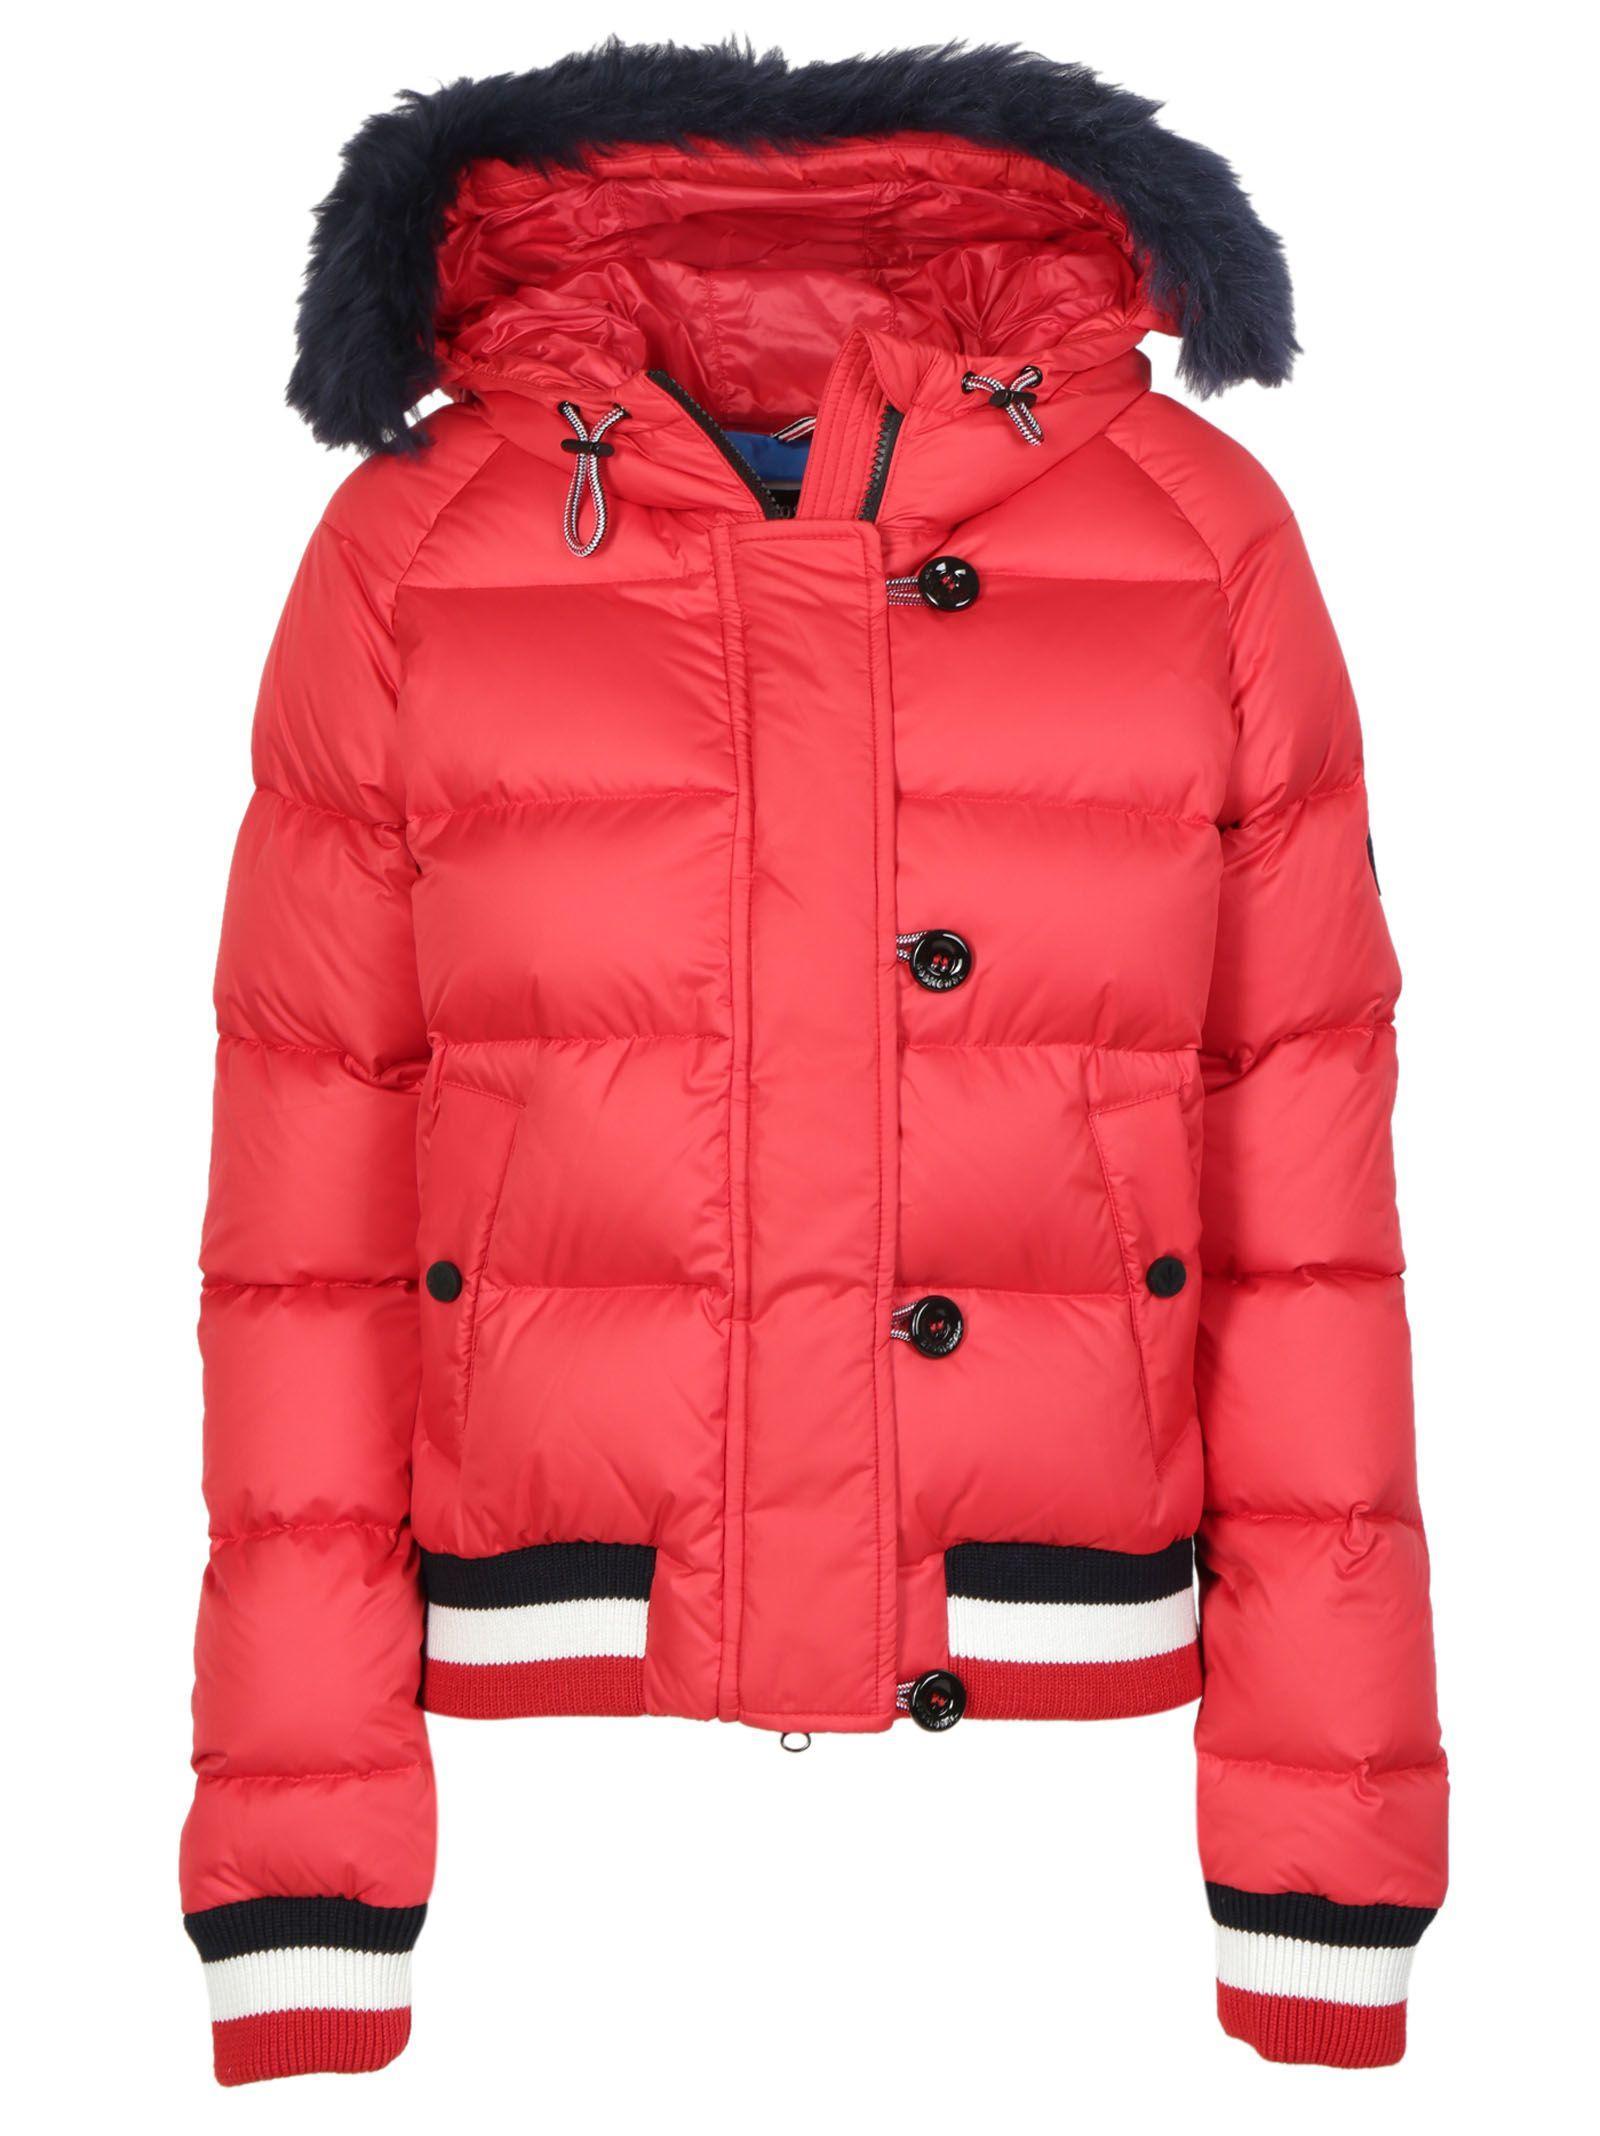 Rossignol Celeste Jacket In Red